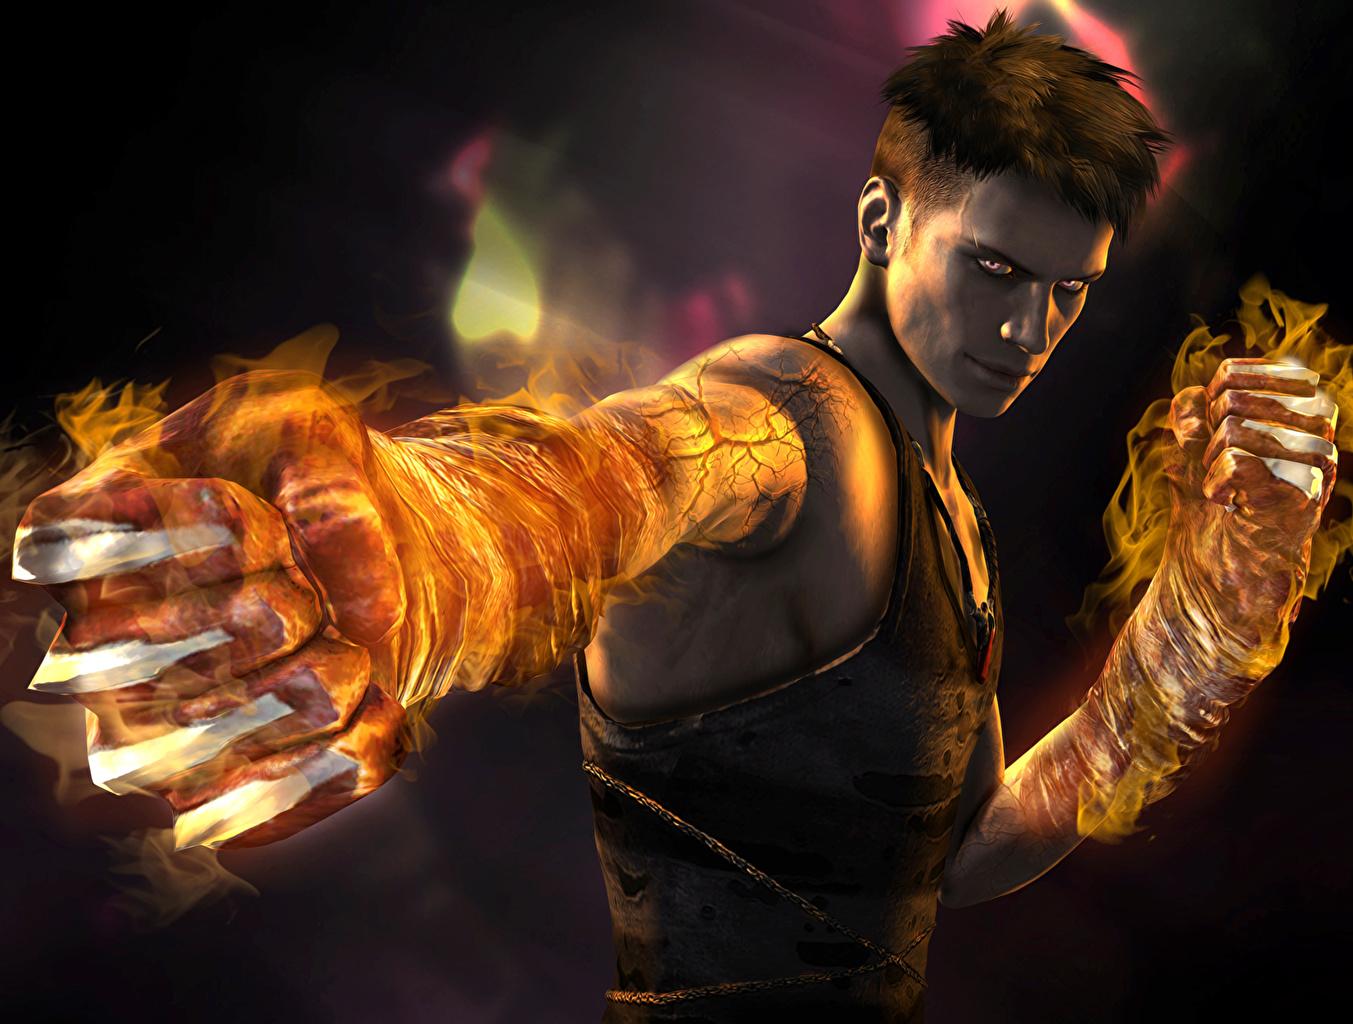 Bilde Dante Devil May Cry Magi en mann Fantasy 3D grafikk Dataspill Hender Menn videospill